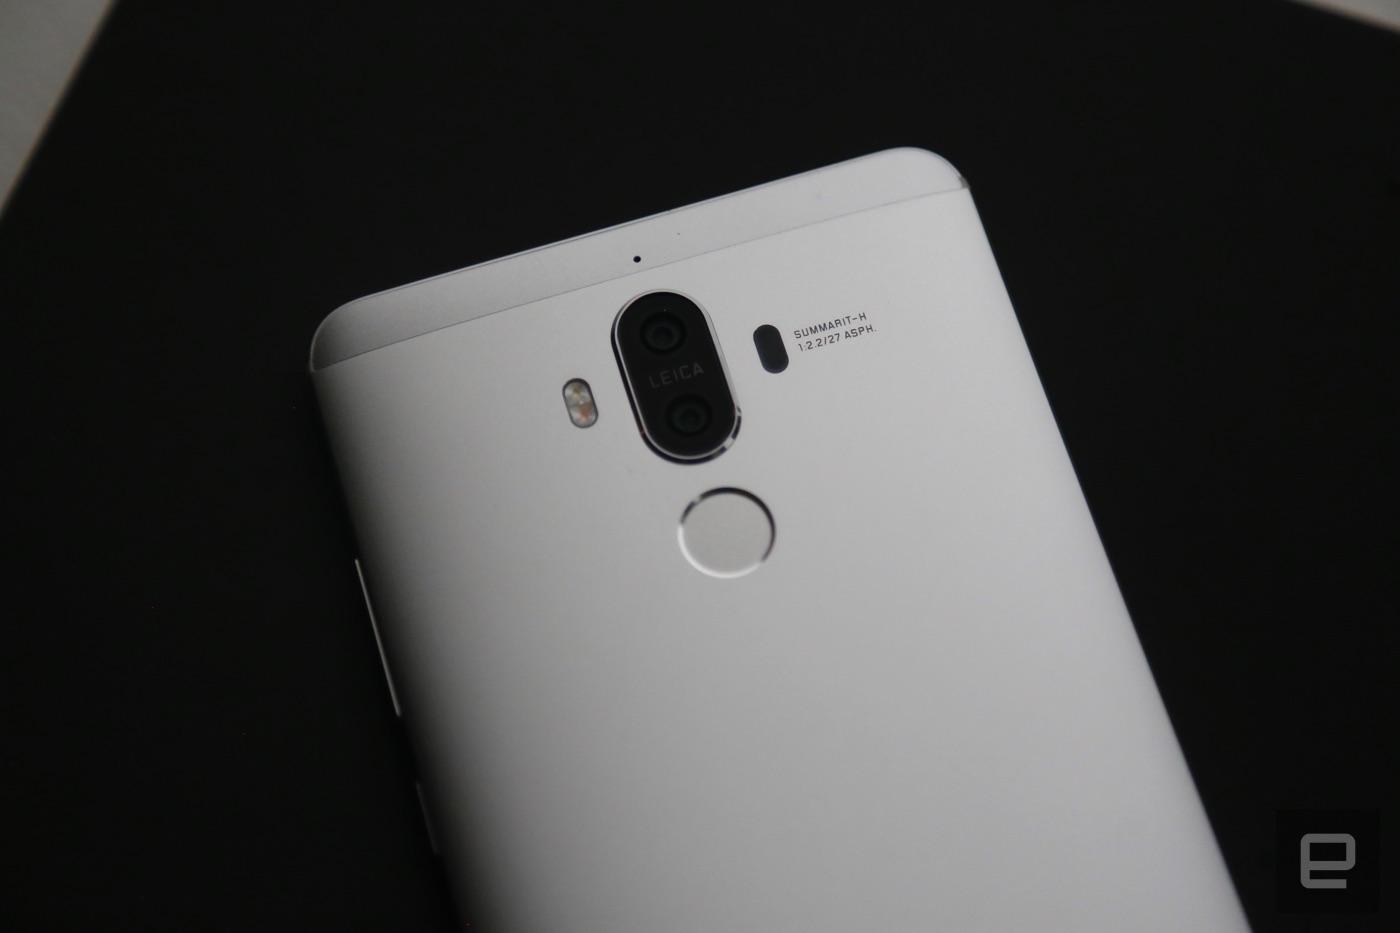 La cámara del Mate 9 quiere ser como la del iPhone 7 Plus (y casi lo consigue)